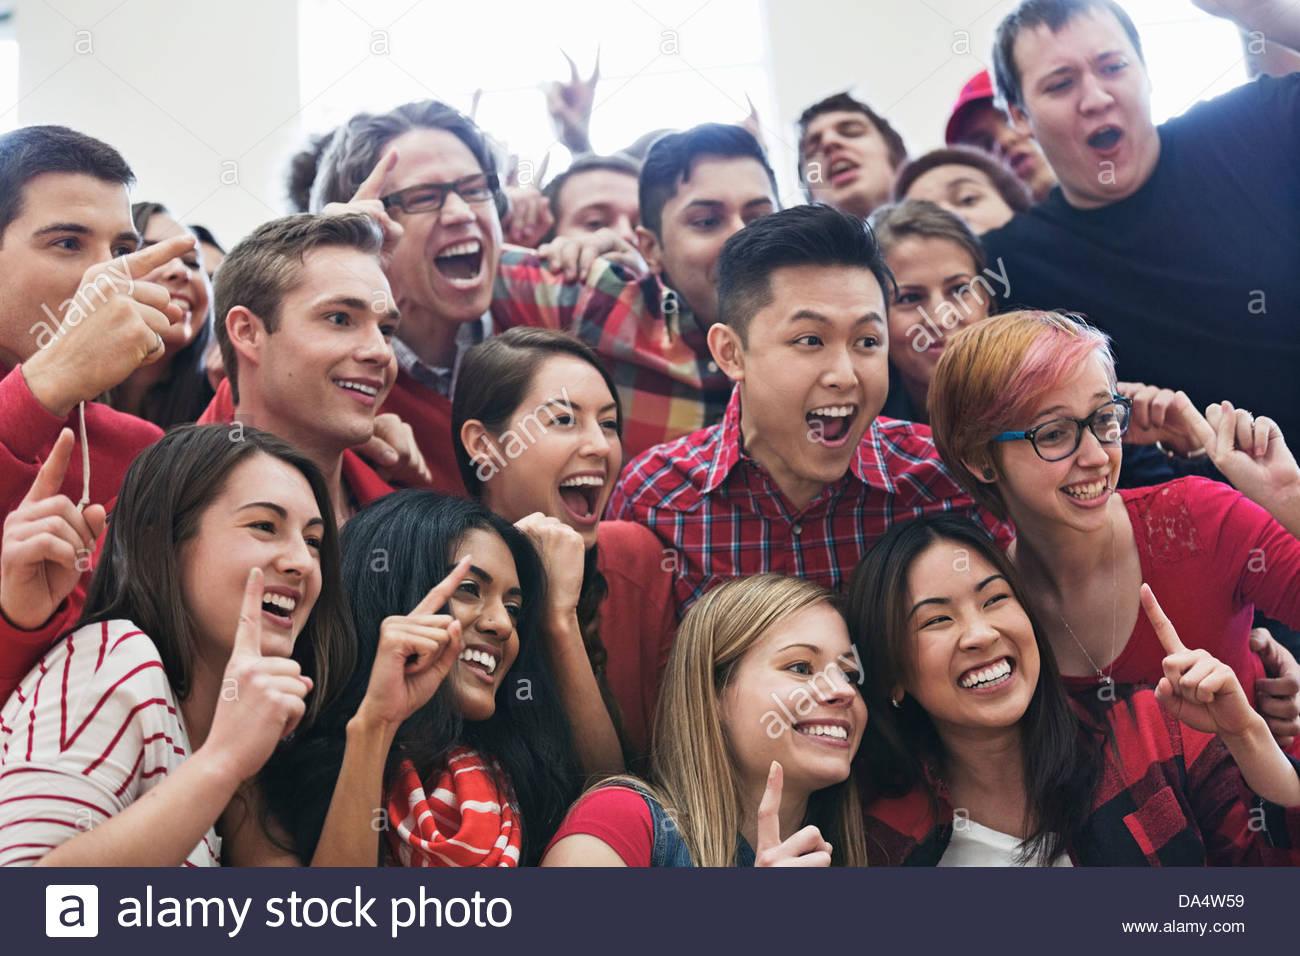 Große Gruppe von Studenten posieren für Bild am College Sportveranstaltung Stockbild